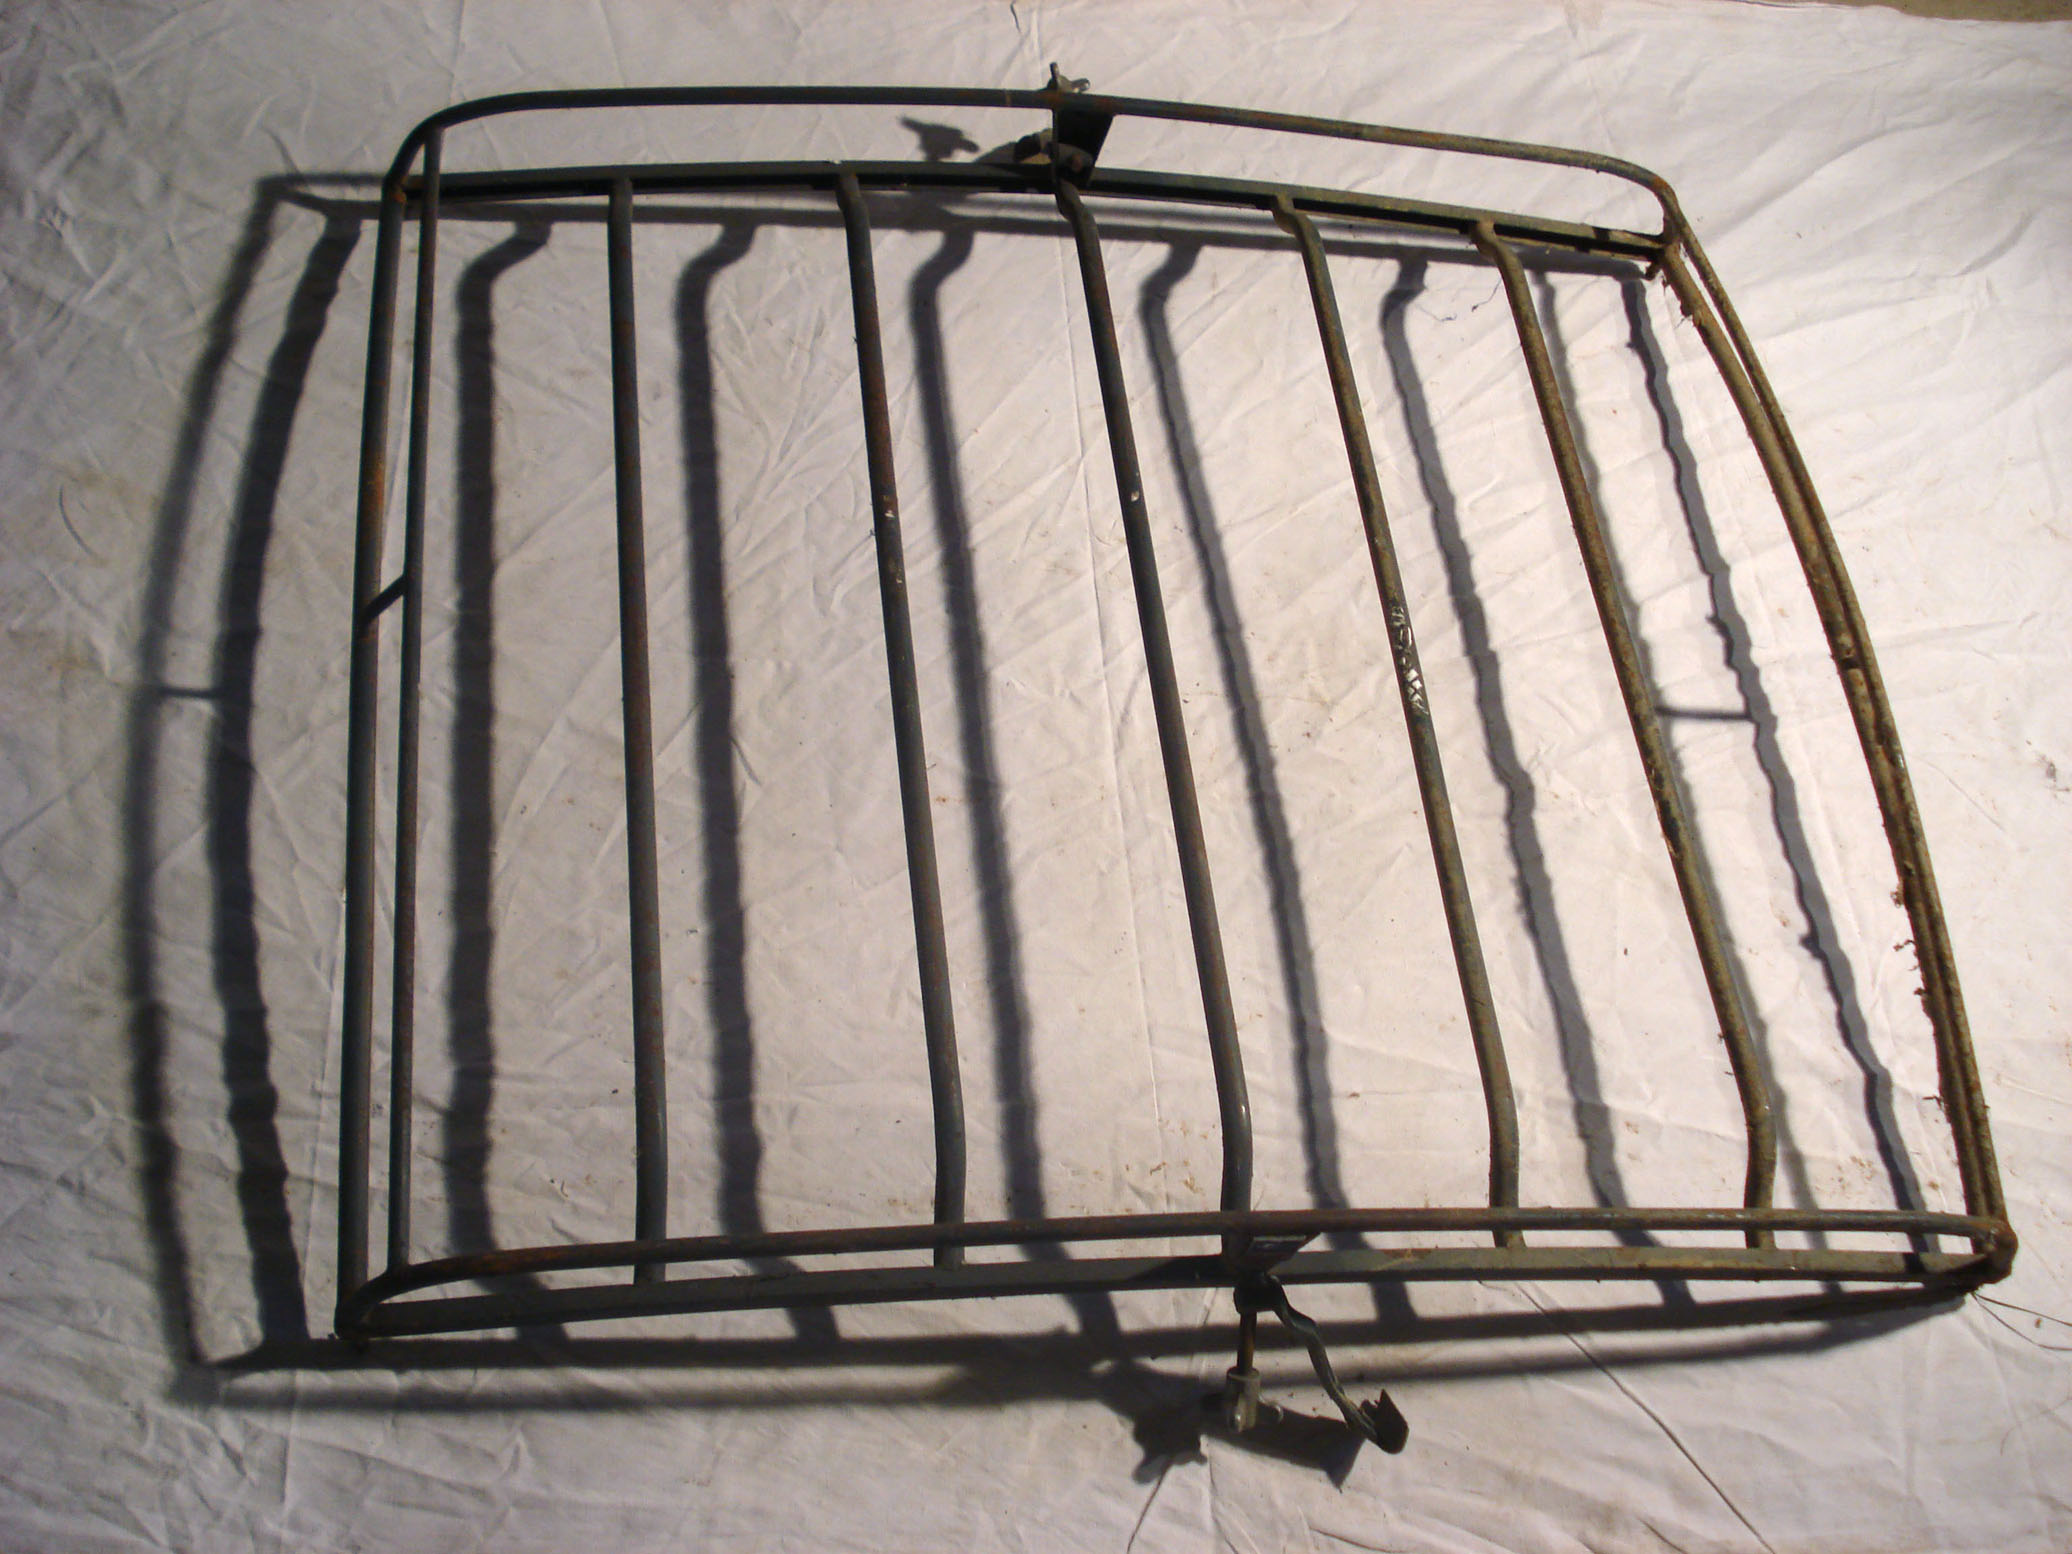 Automobilia pi ces automobiles anciennes pour d coration et utilisation pour r novation de - Porte bagage pour voiture ...